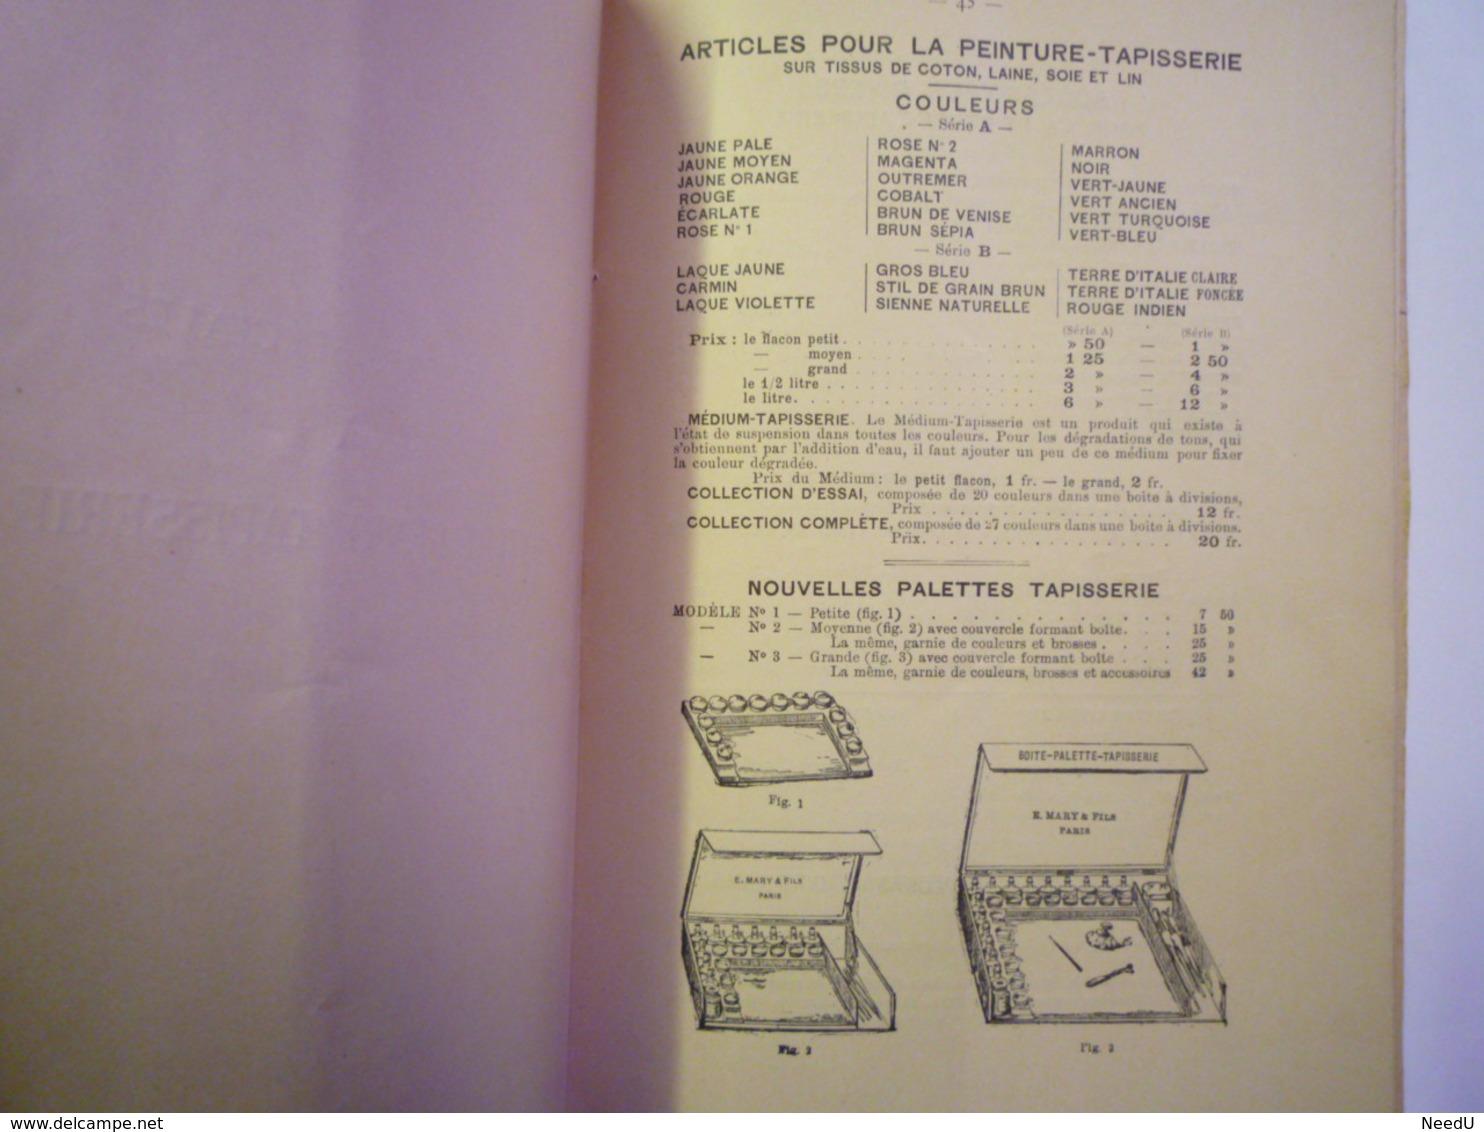 GP 2019 - 1665  La Peinture-Tapisserie + Peinture Eventails Et Ecrans  1891  (56 Pages)    XXX - Old Paper